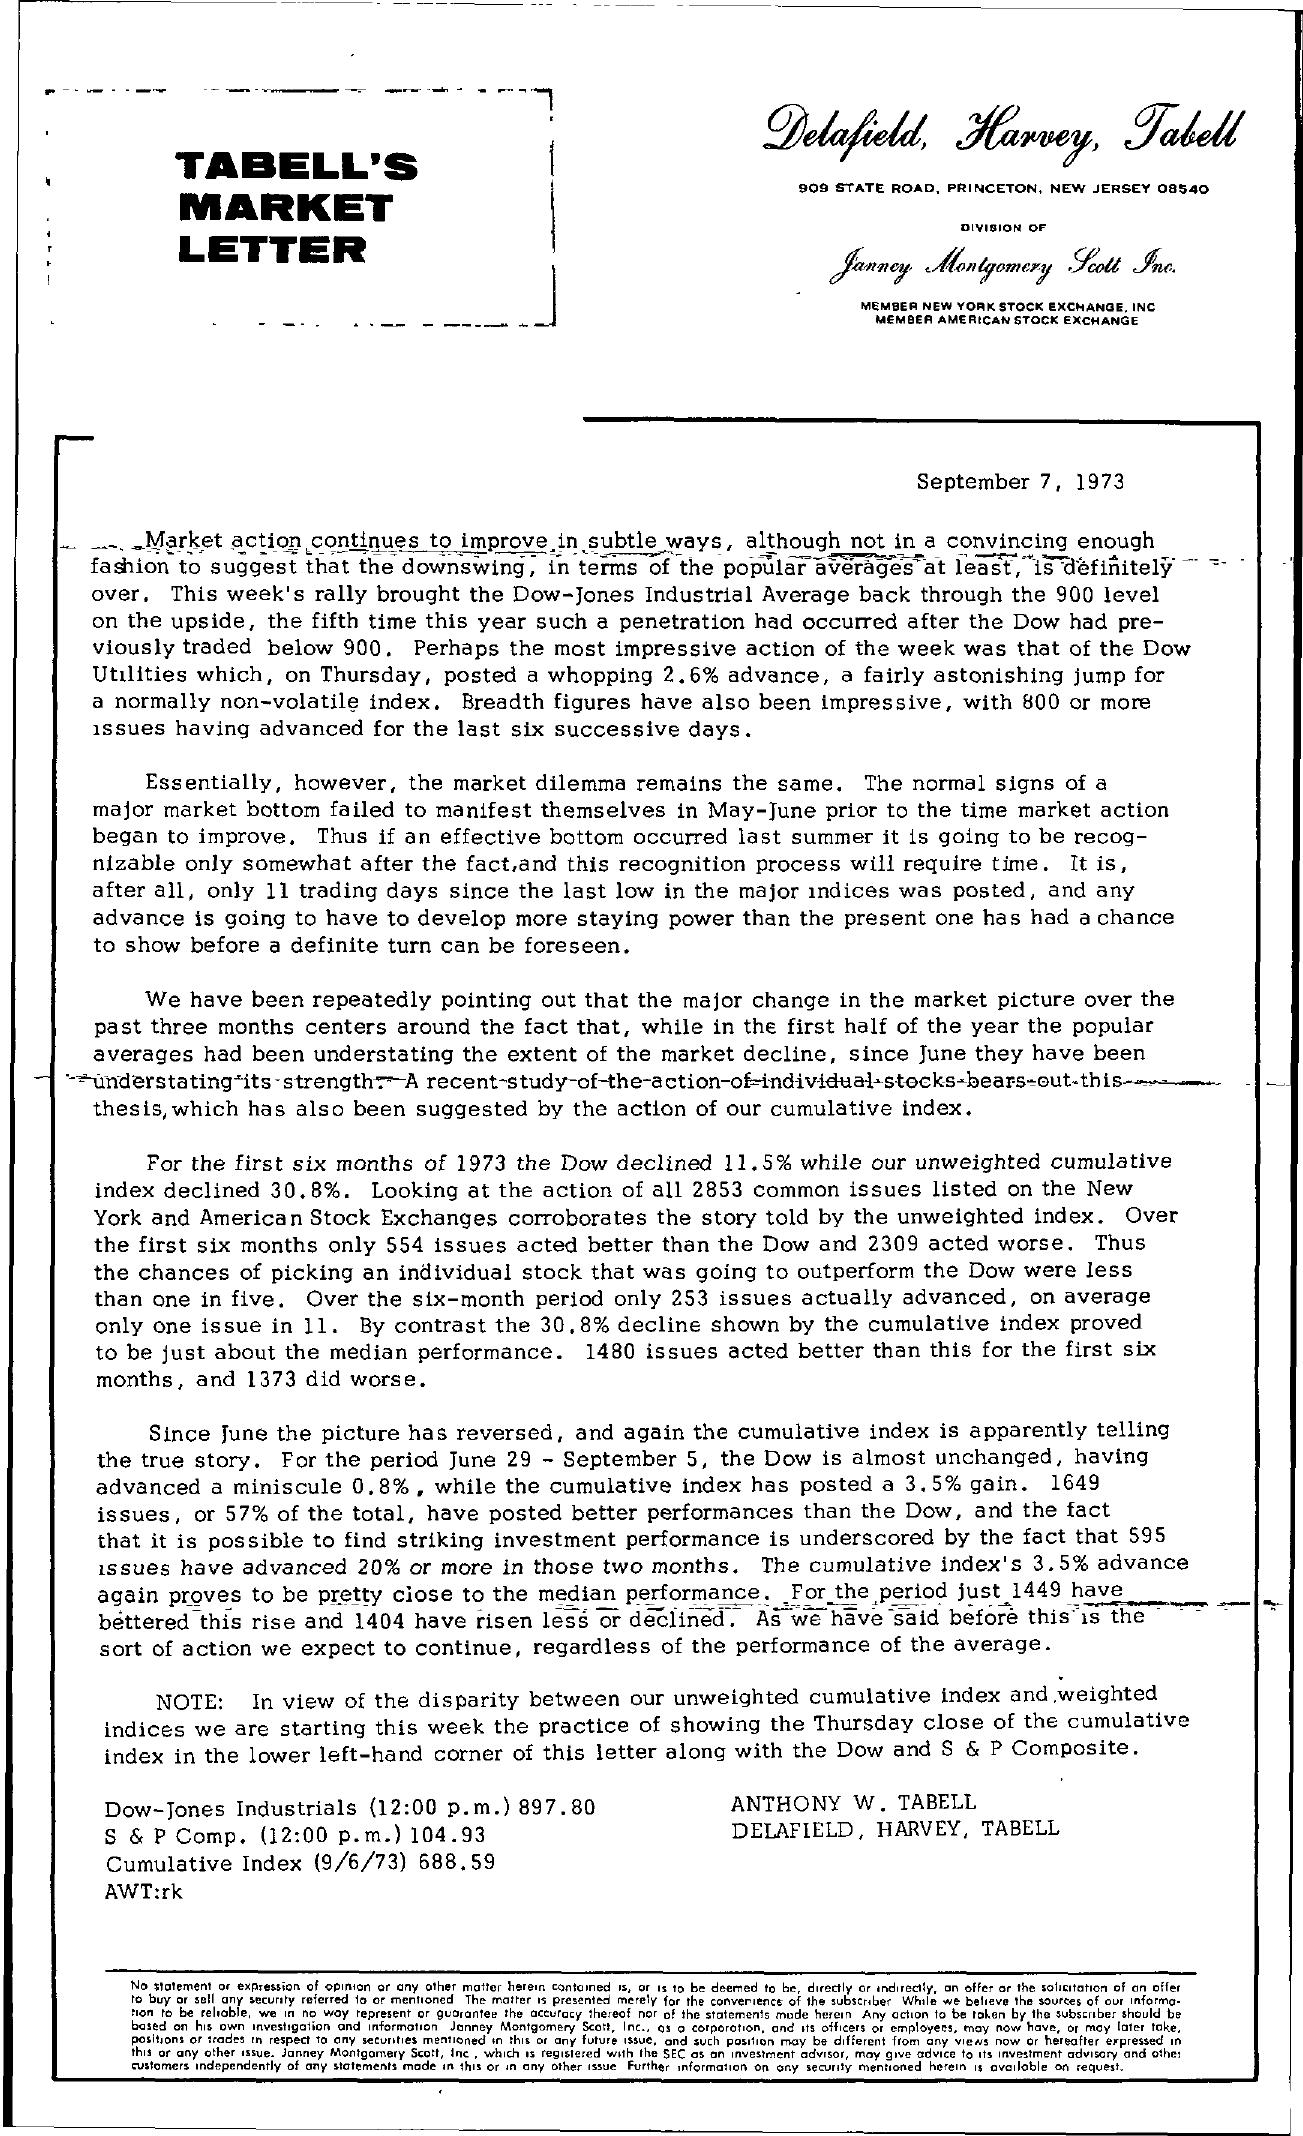 Tabell's Market Letter - September 07, 1973